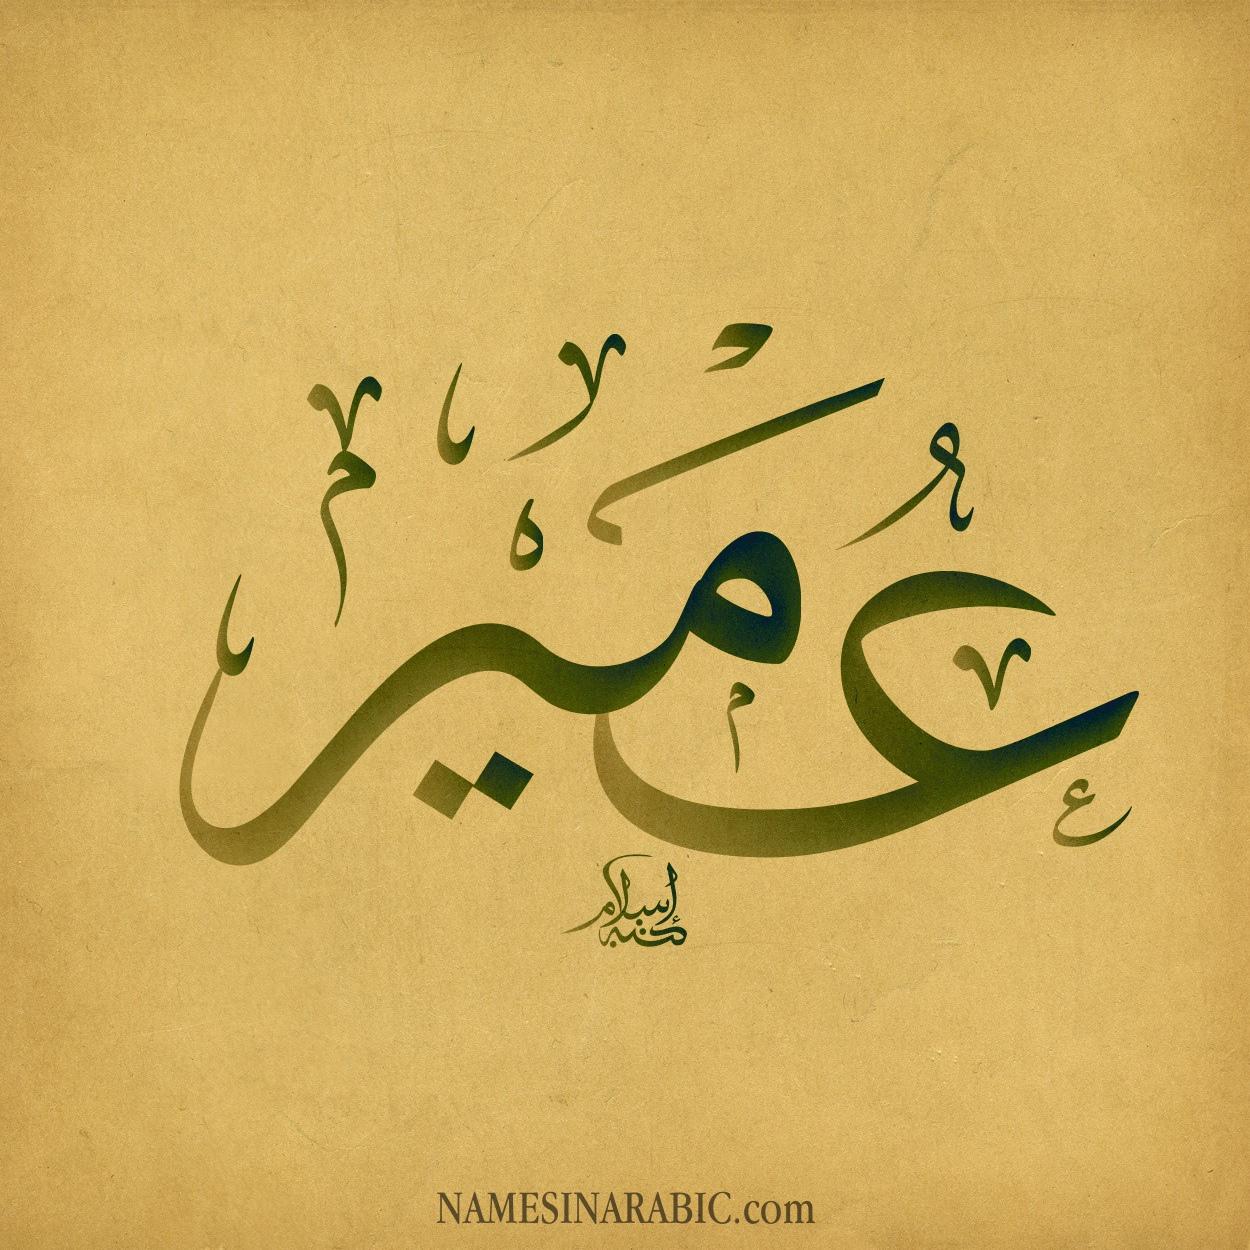 صفات حامل إسم ع م ي ر و معنى اسم ع م ي ر قاموس الأسماء و المعاني